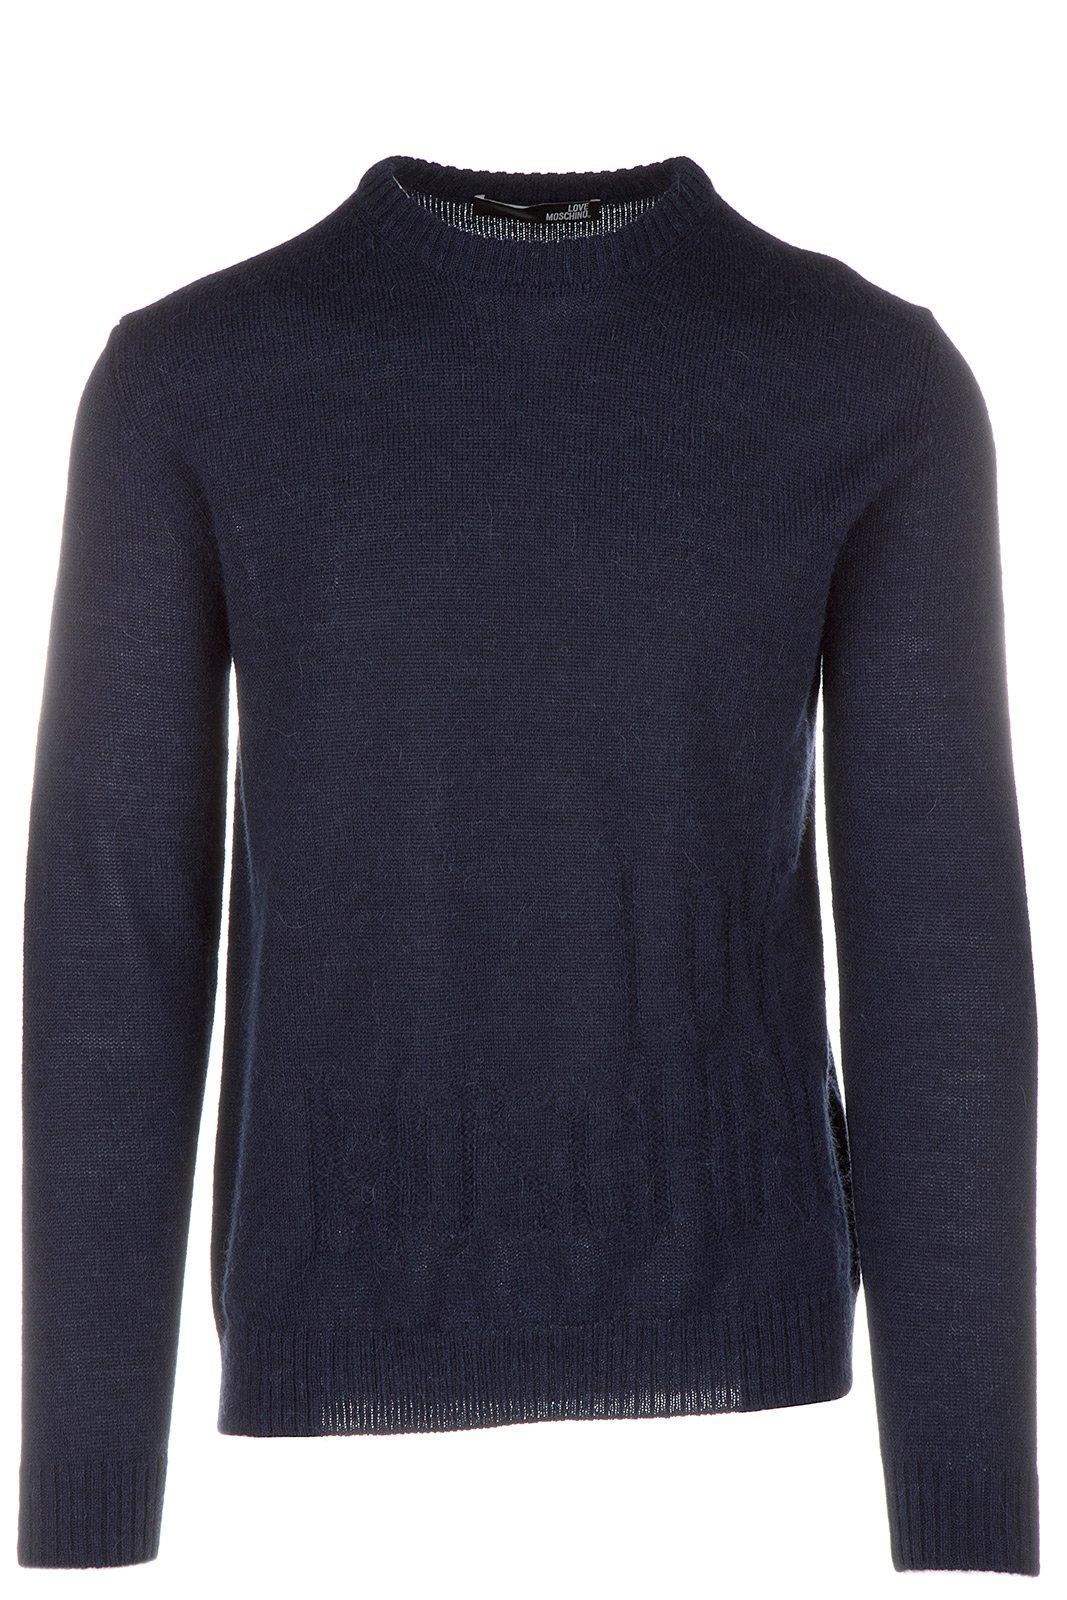 Love Moschino Men's Crew Neck Neckline Jumper Sweater Pullover Blu US Size M (US M) M S 6U4 00 X 1059 Y9